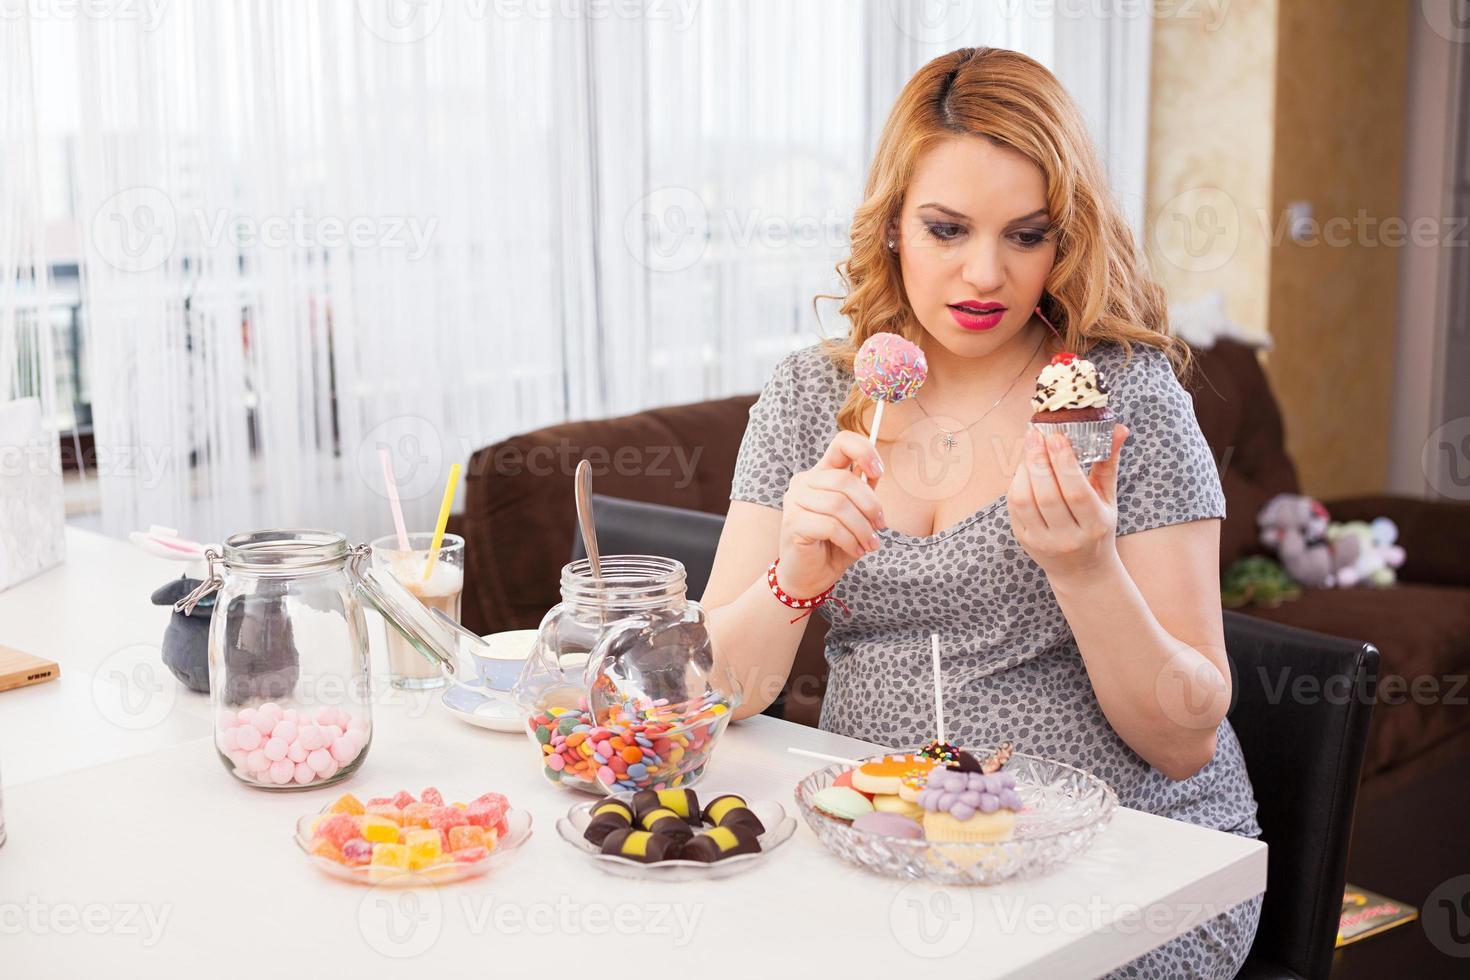 mujer joven embarazada comiendo dulces foto